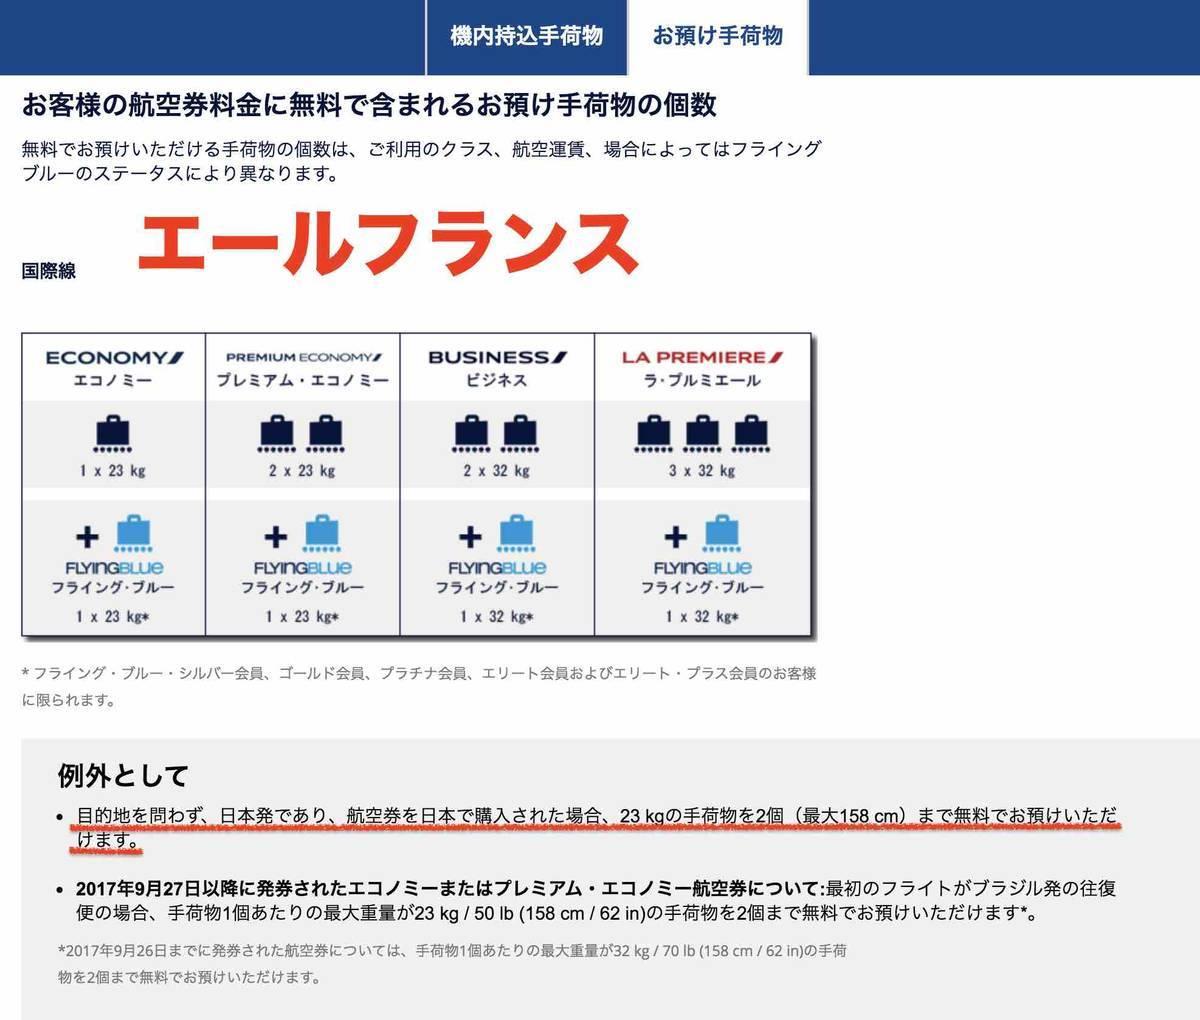 f:id:kaedetaniyoshi:20200204181734j:plain